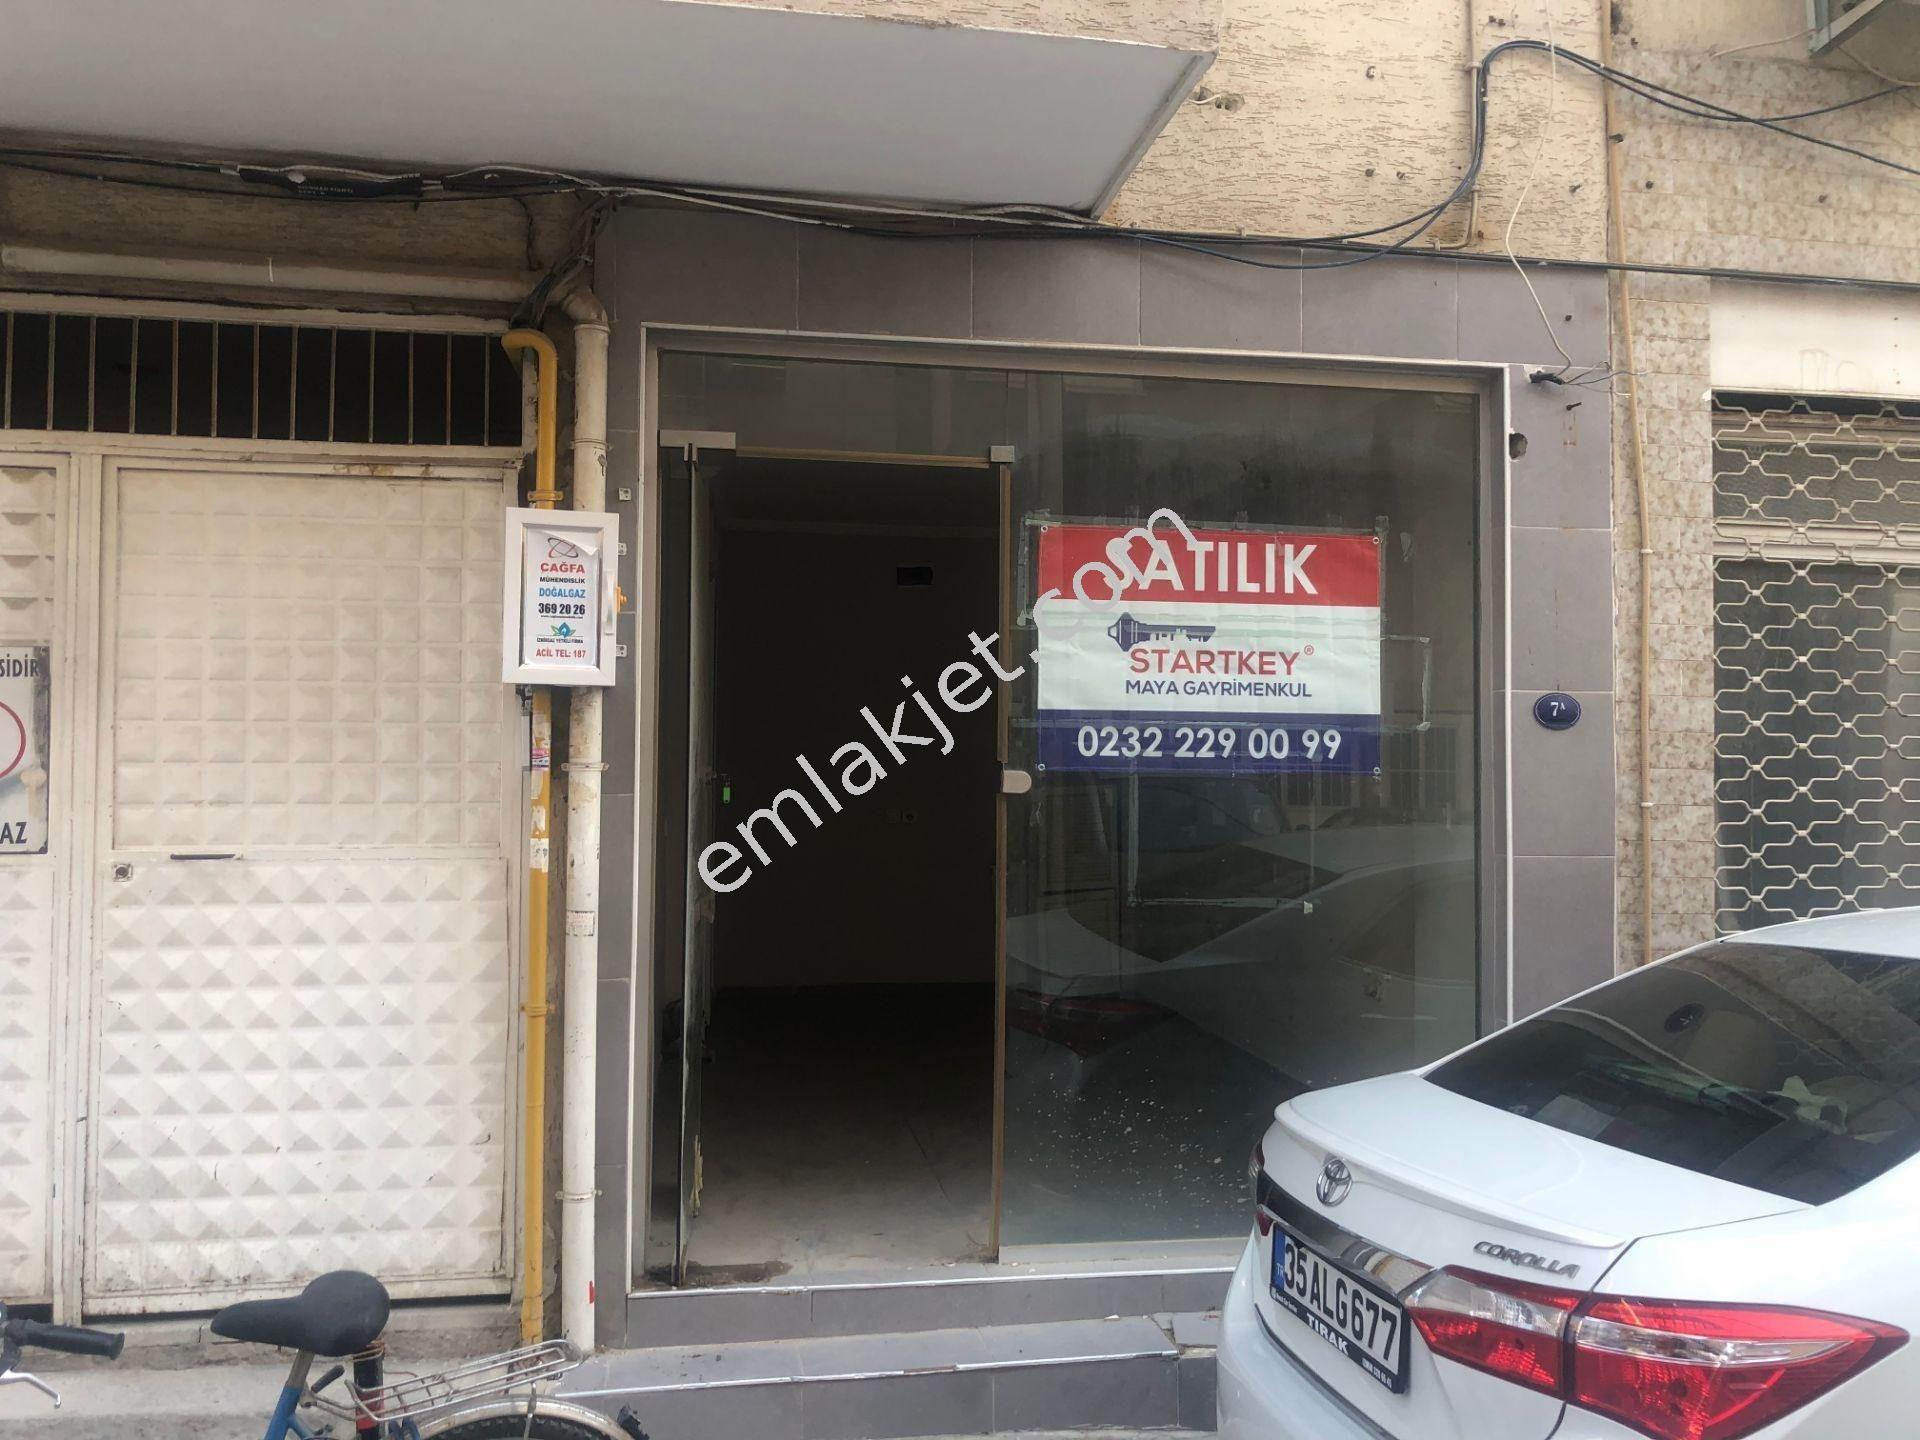 Emlakçıdan İzmir Karşıyaka Bahriye Üçok Mahallesi 1 Oda Satılık Dükkan &  Mağaza 165.000 TL #8748951